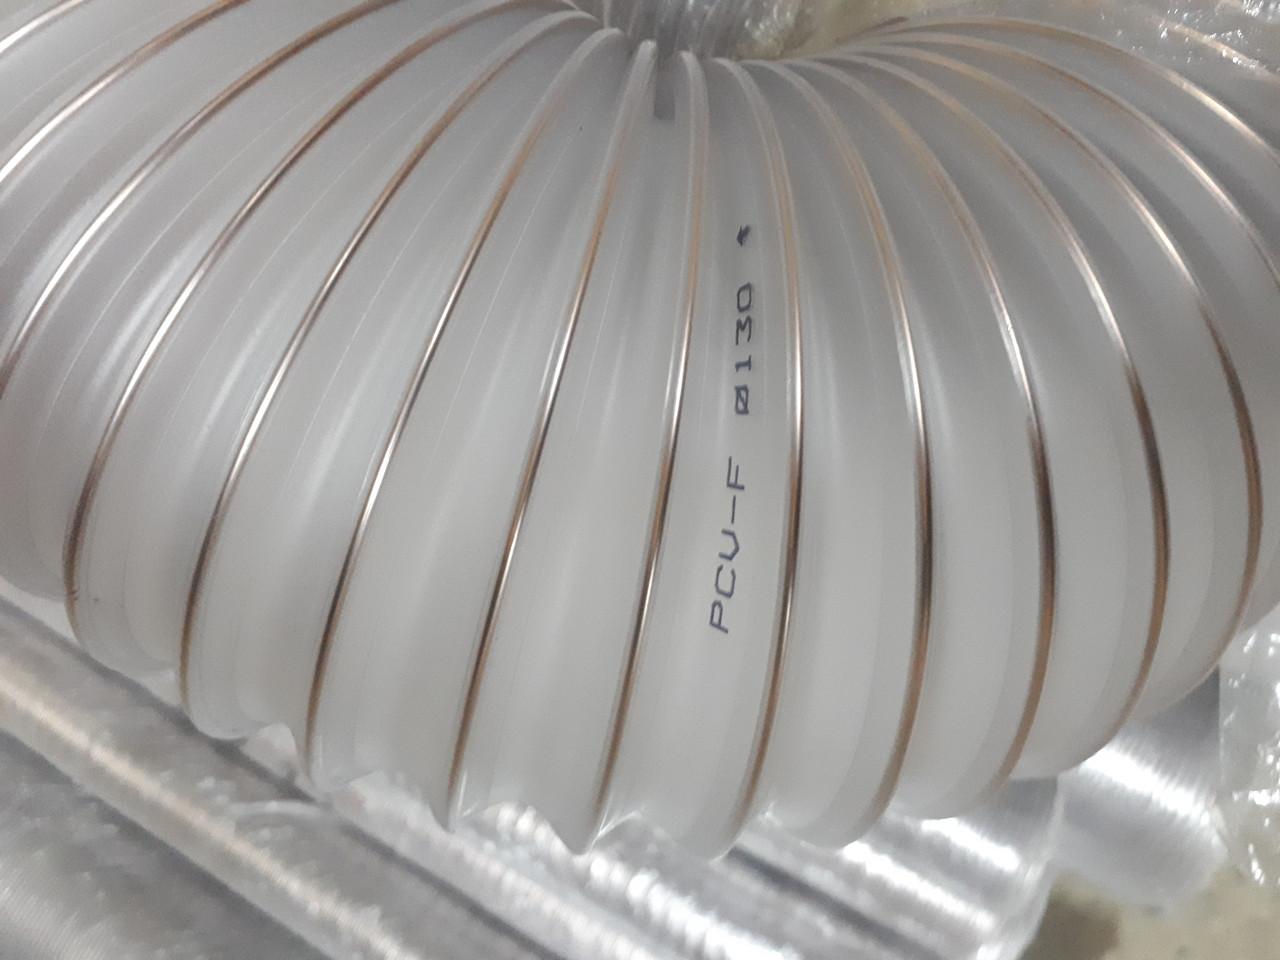 Вентиляційний гнучкий повітропровід від д.60*0,5мм до д.250мм, гофрований рукав для видалення тирси